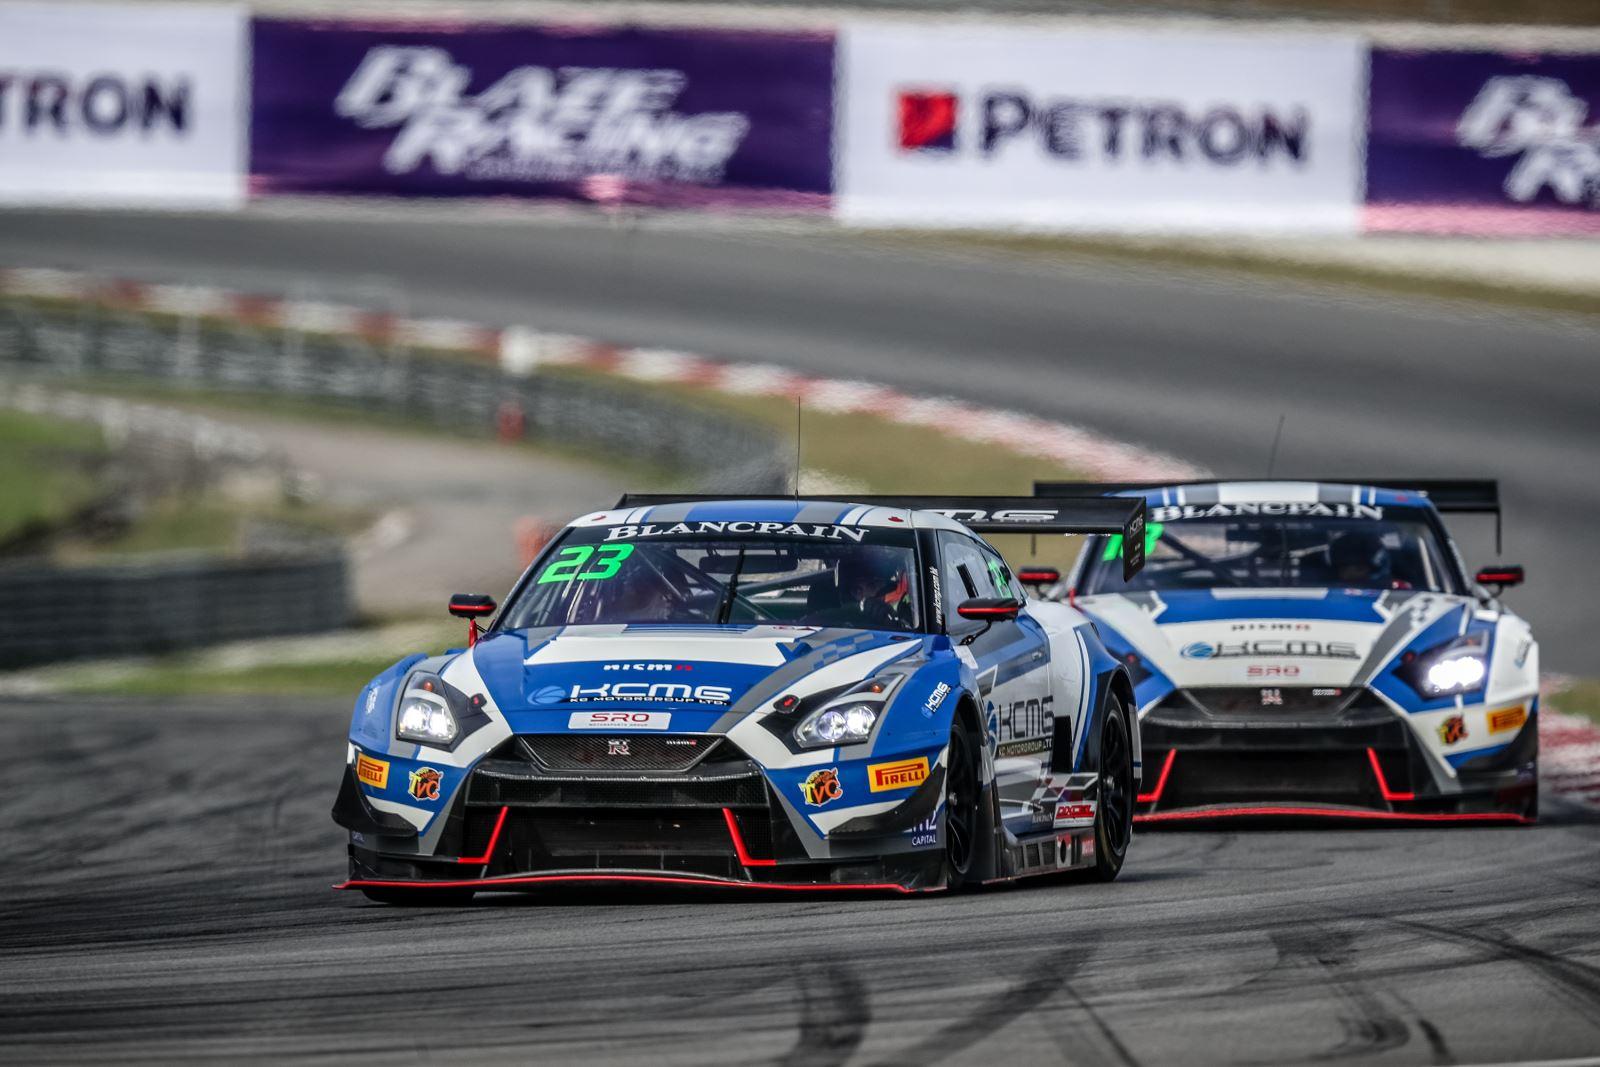 Automobilismo | Nissan confirma presença na Taça do Mundo de GT